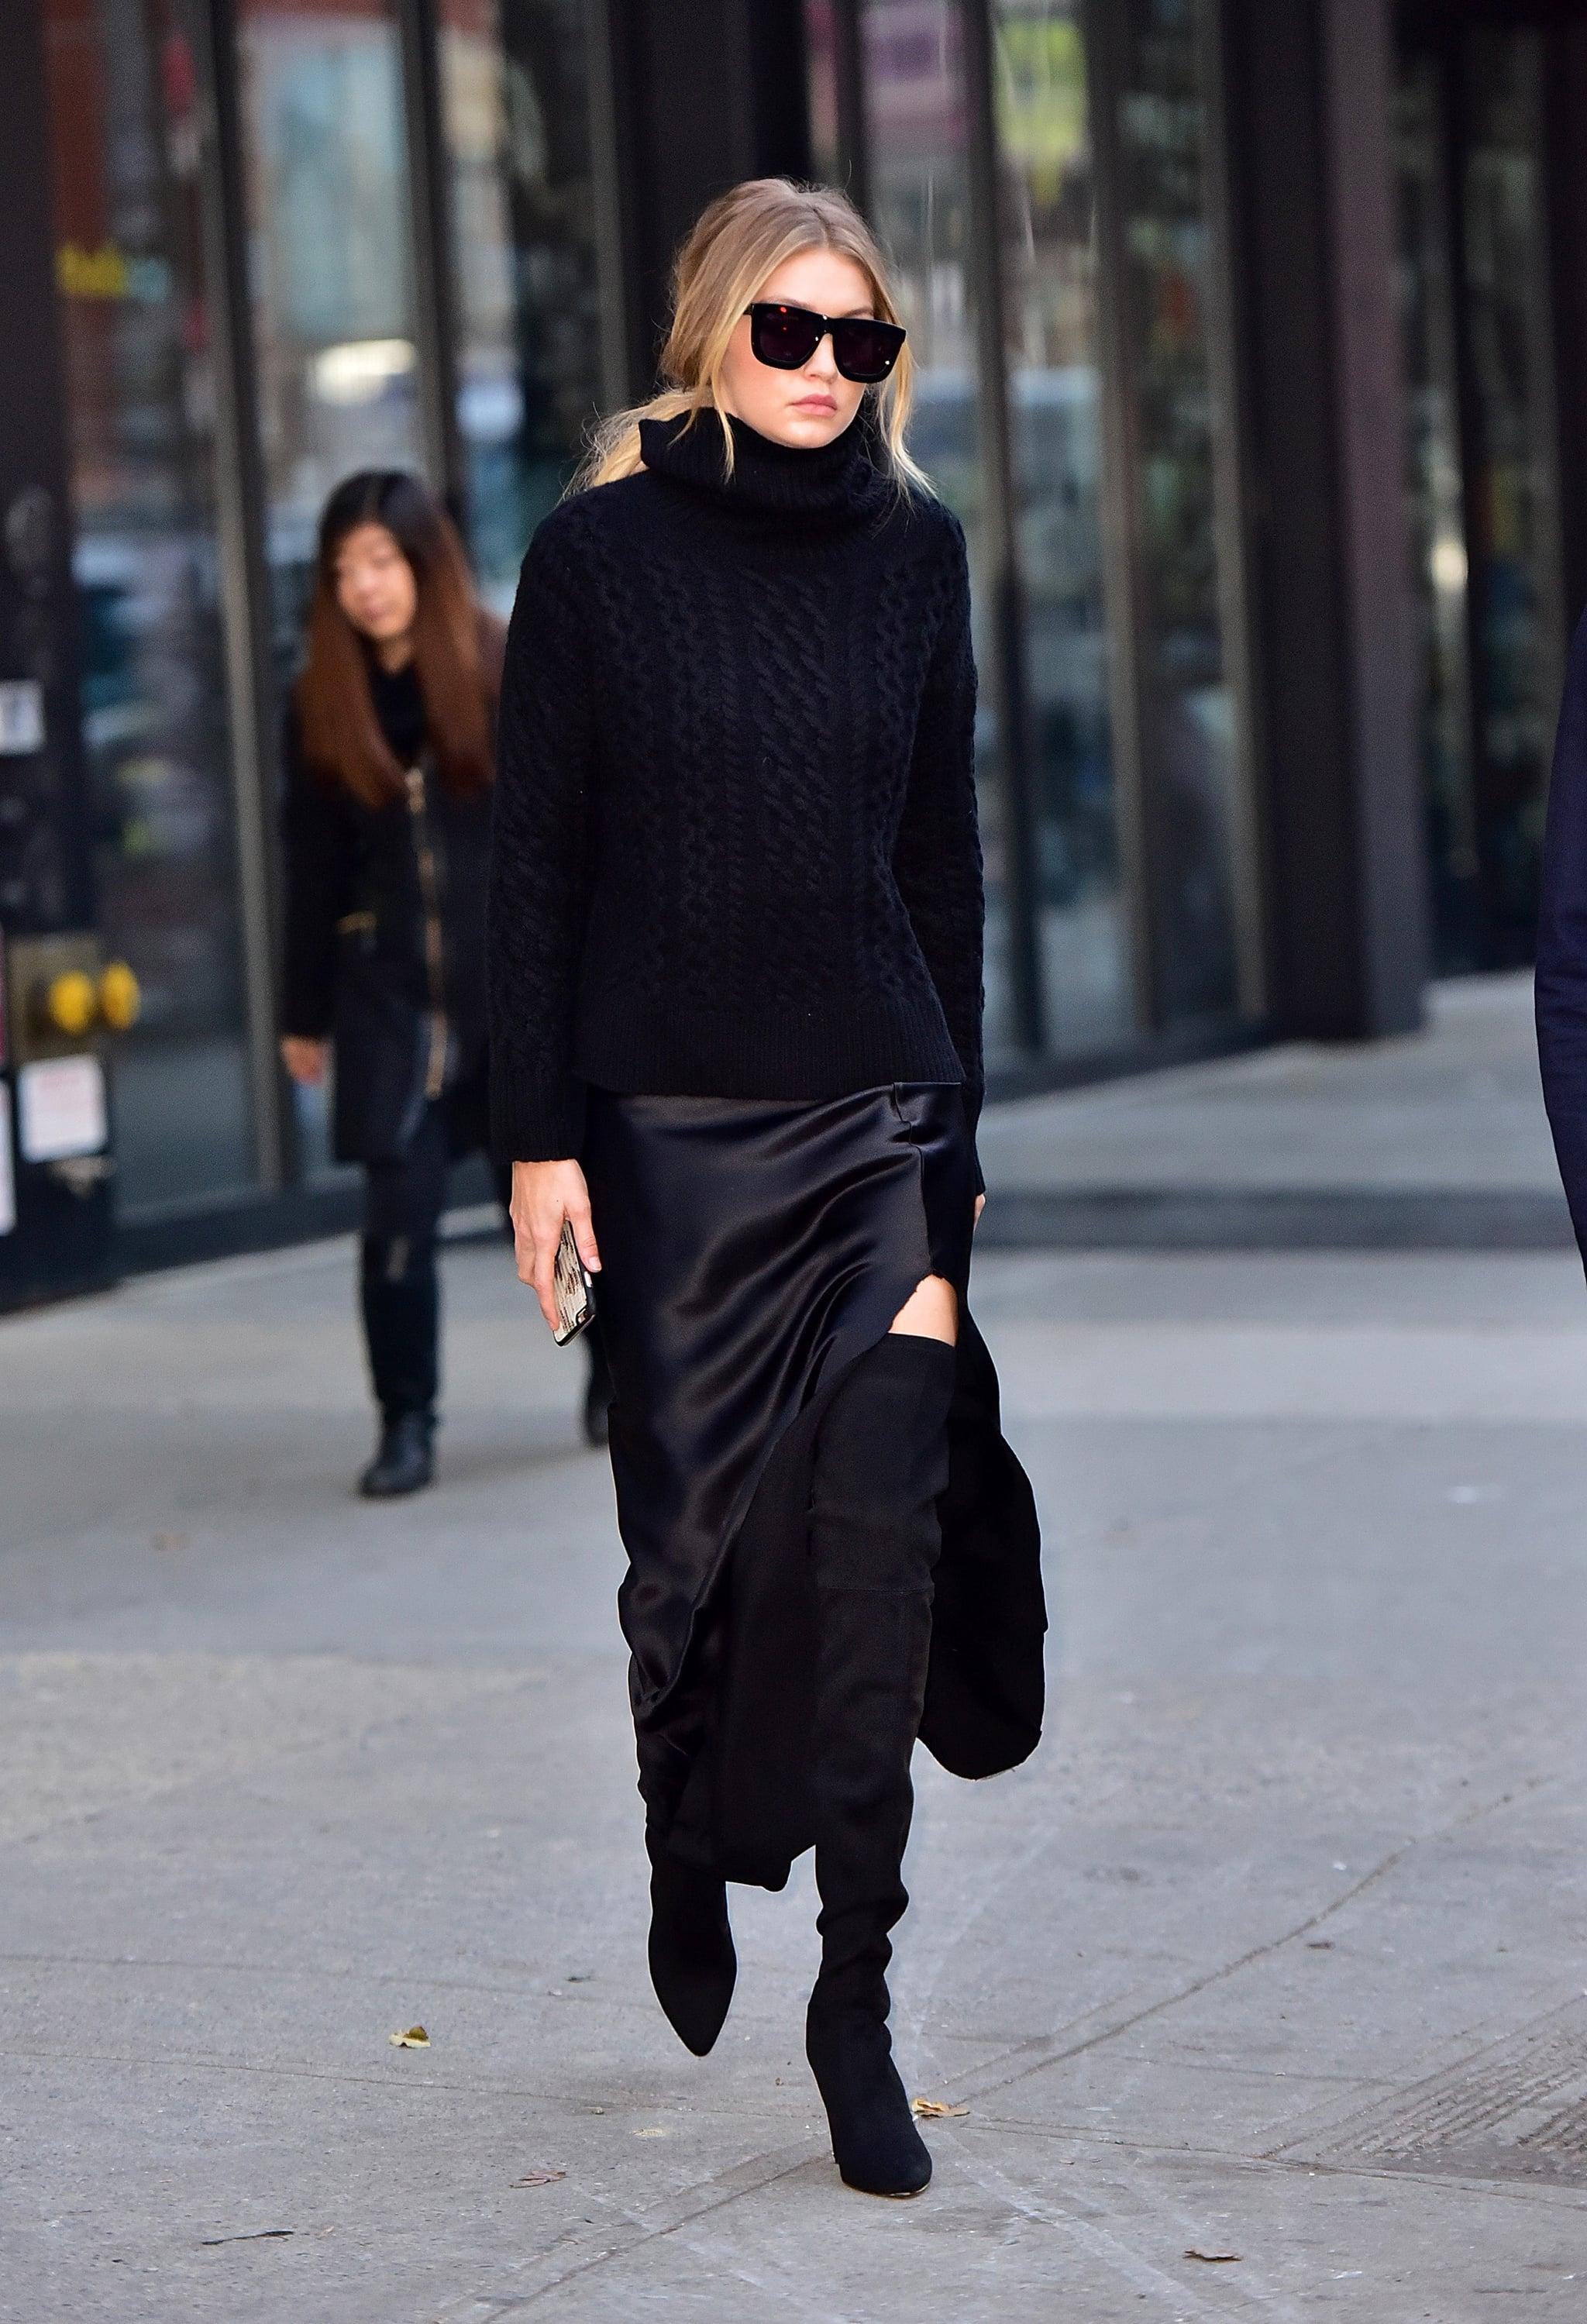 تنورة ميدي من الساتان الأسود نسقتها جيجي حديد لاطلالة شبابية